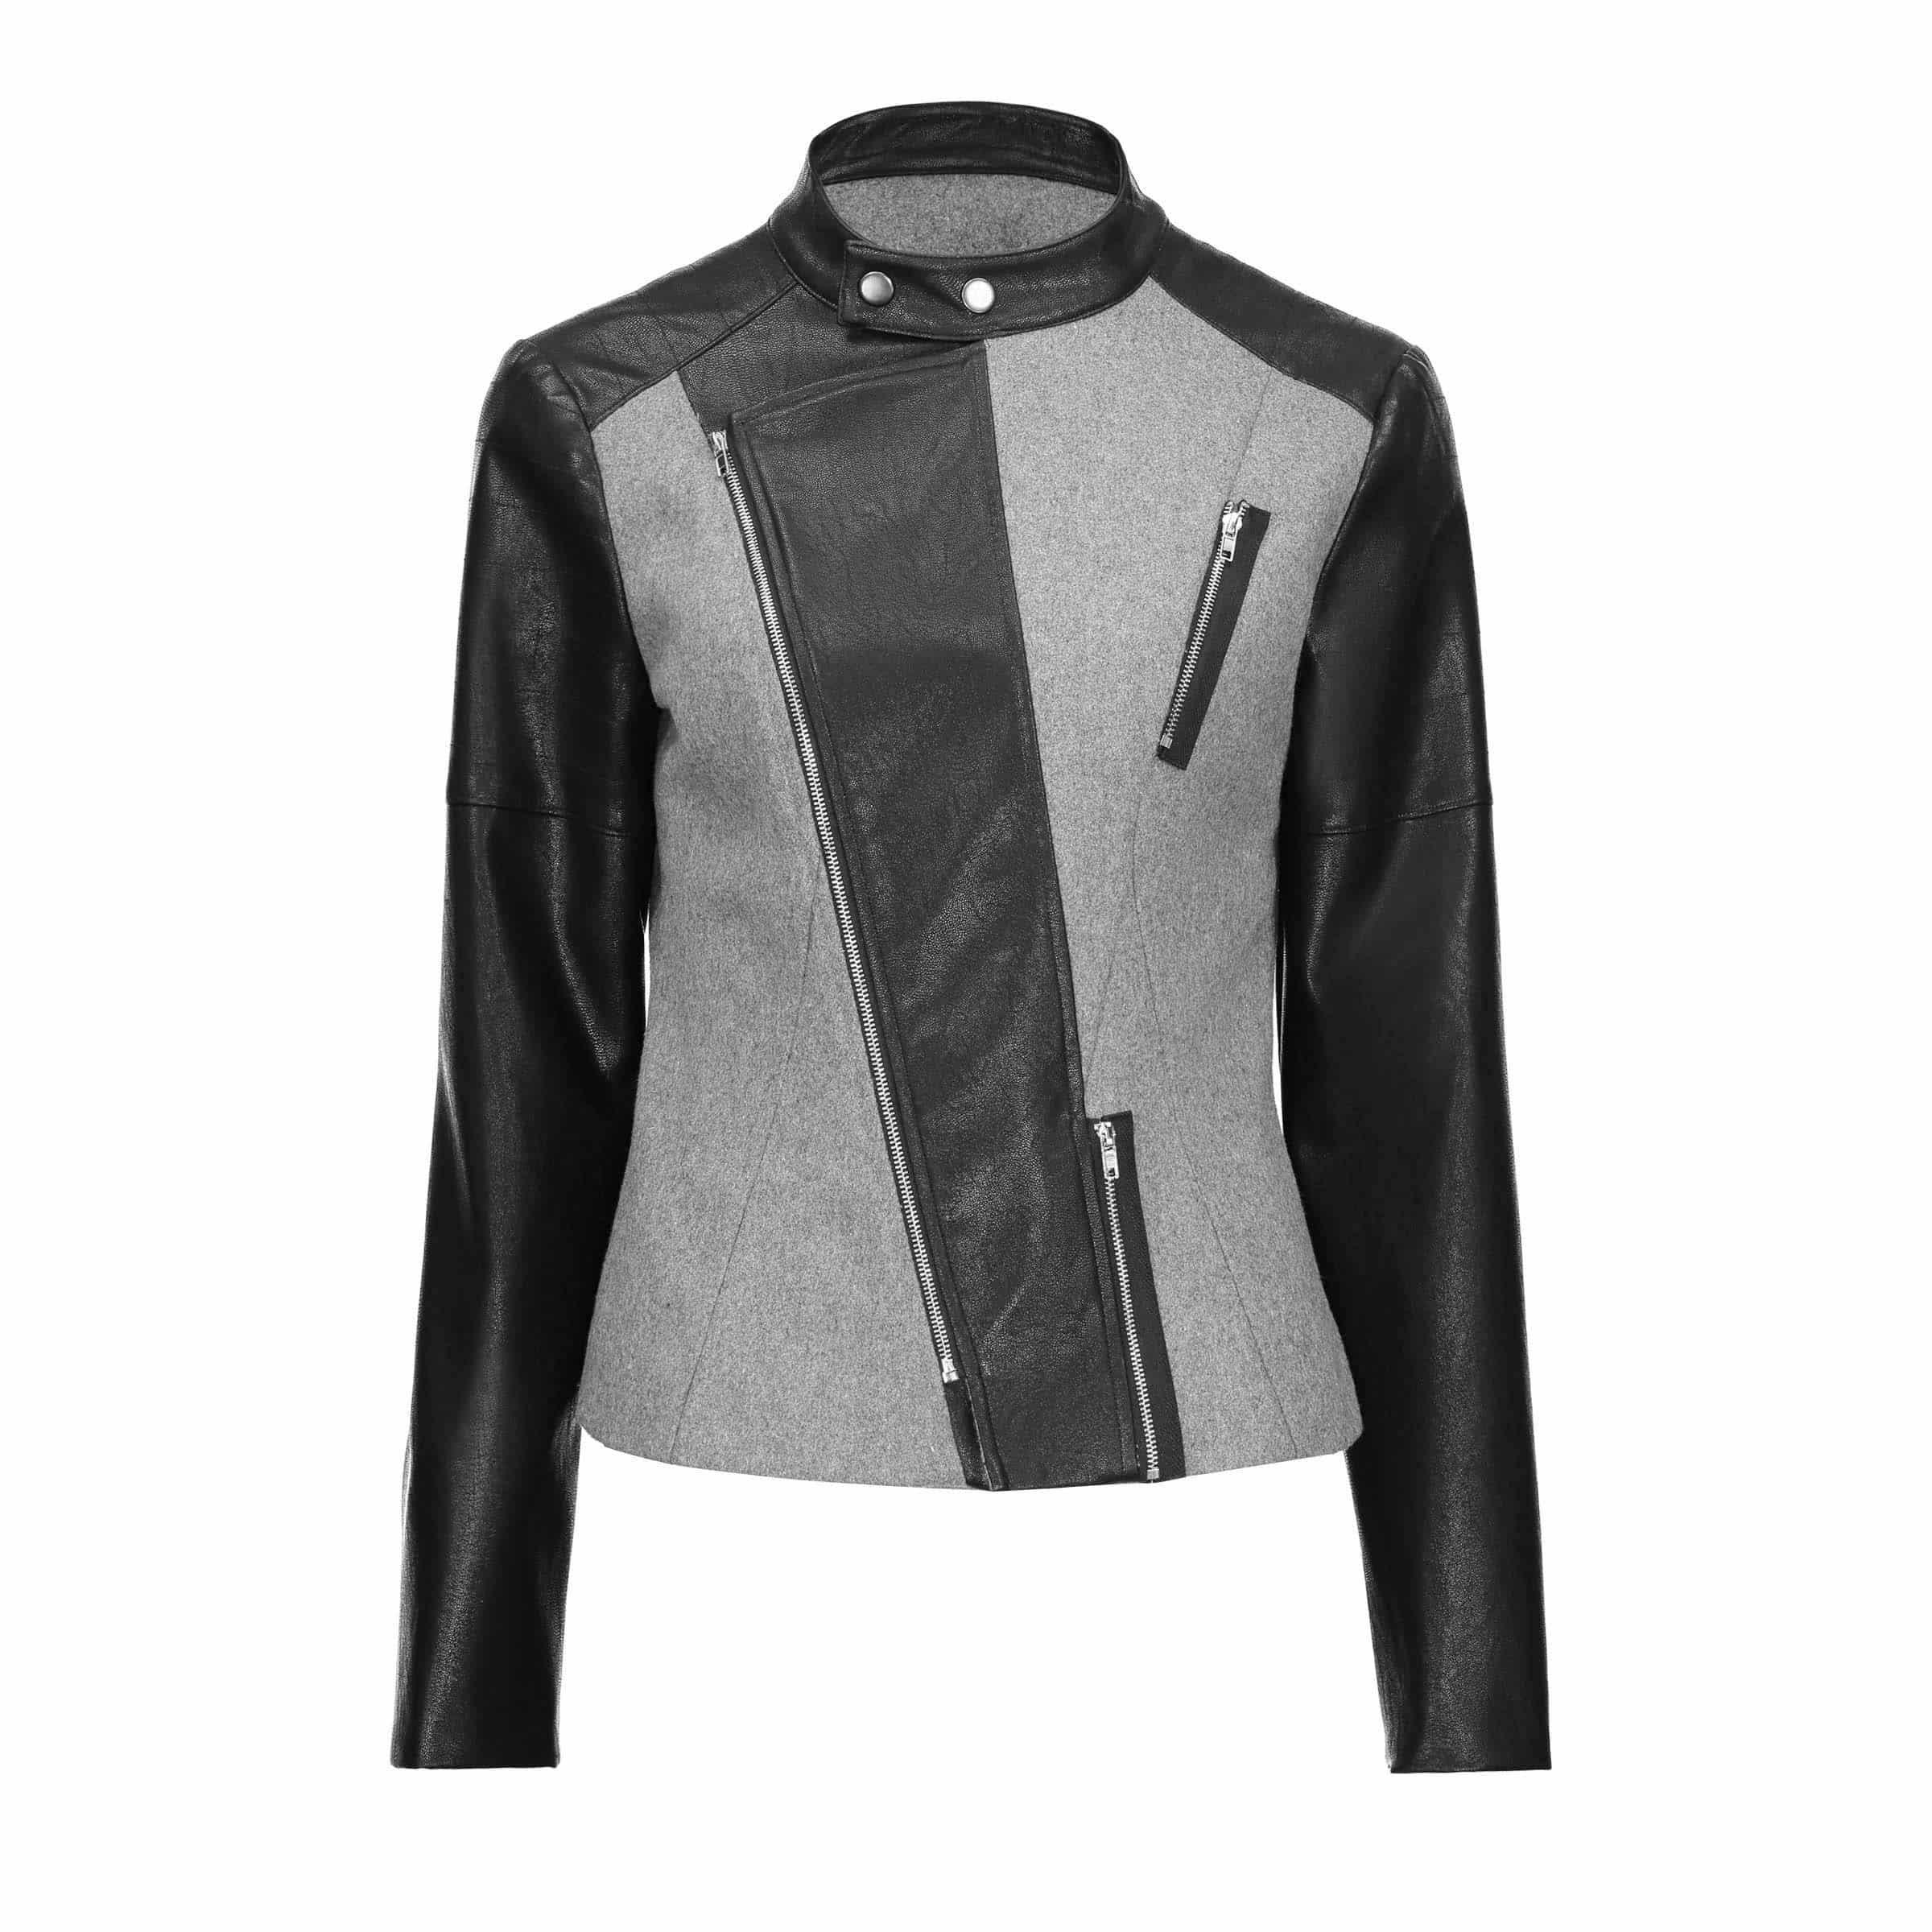 Ladies' Mandarin Collar Basic Outerwear - The Black Ravens